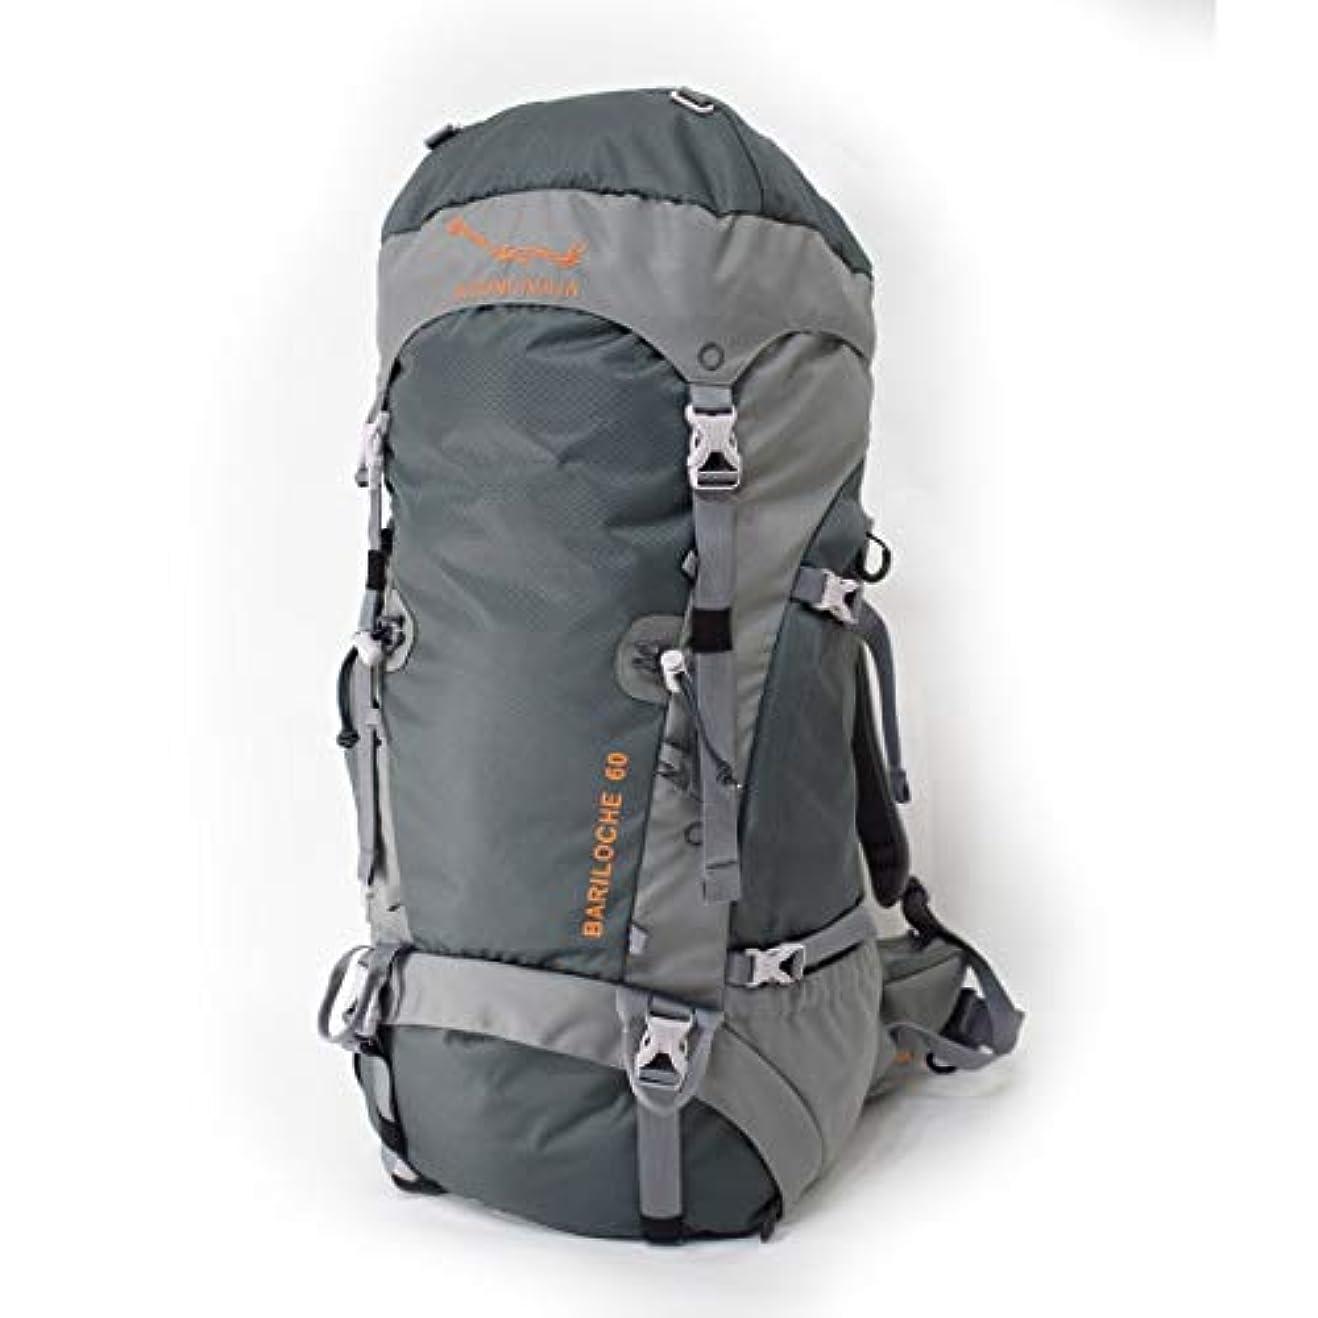 経歴落ち着いた薄いアコンカグア Bariloche (バリローチェ) 60L レインカバー付き 登山リュック ザック